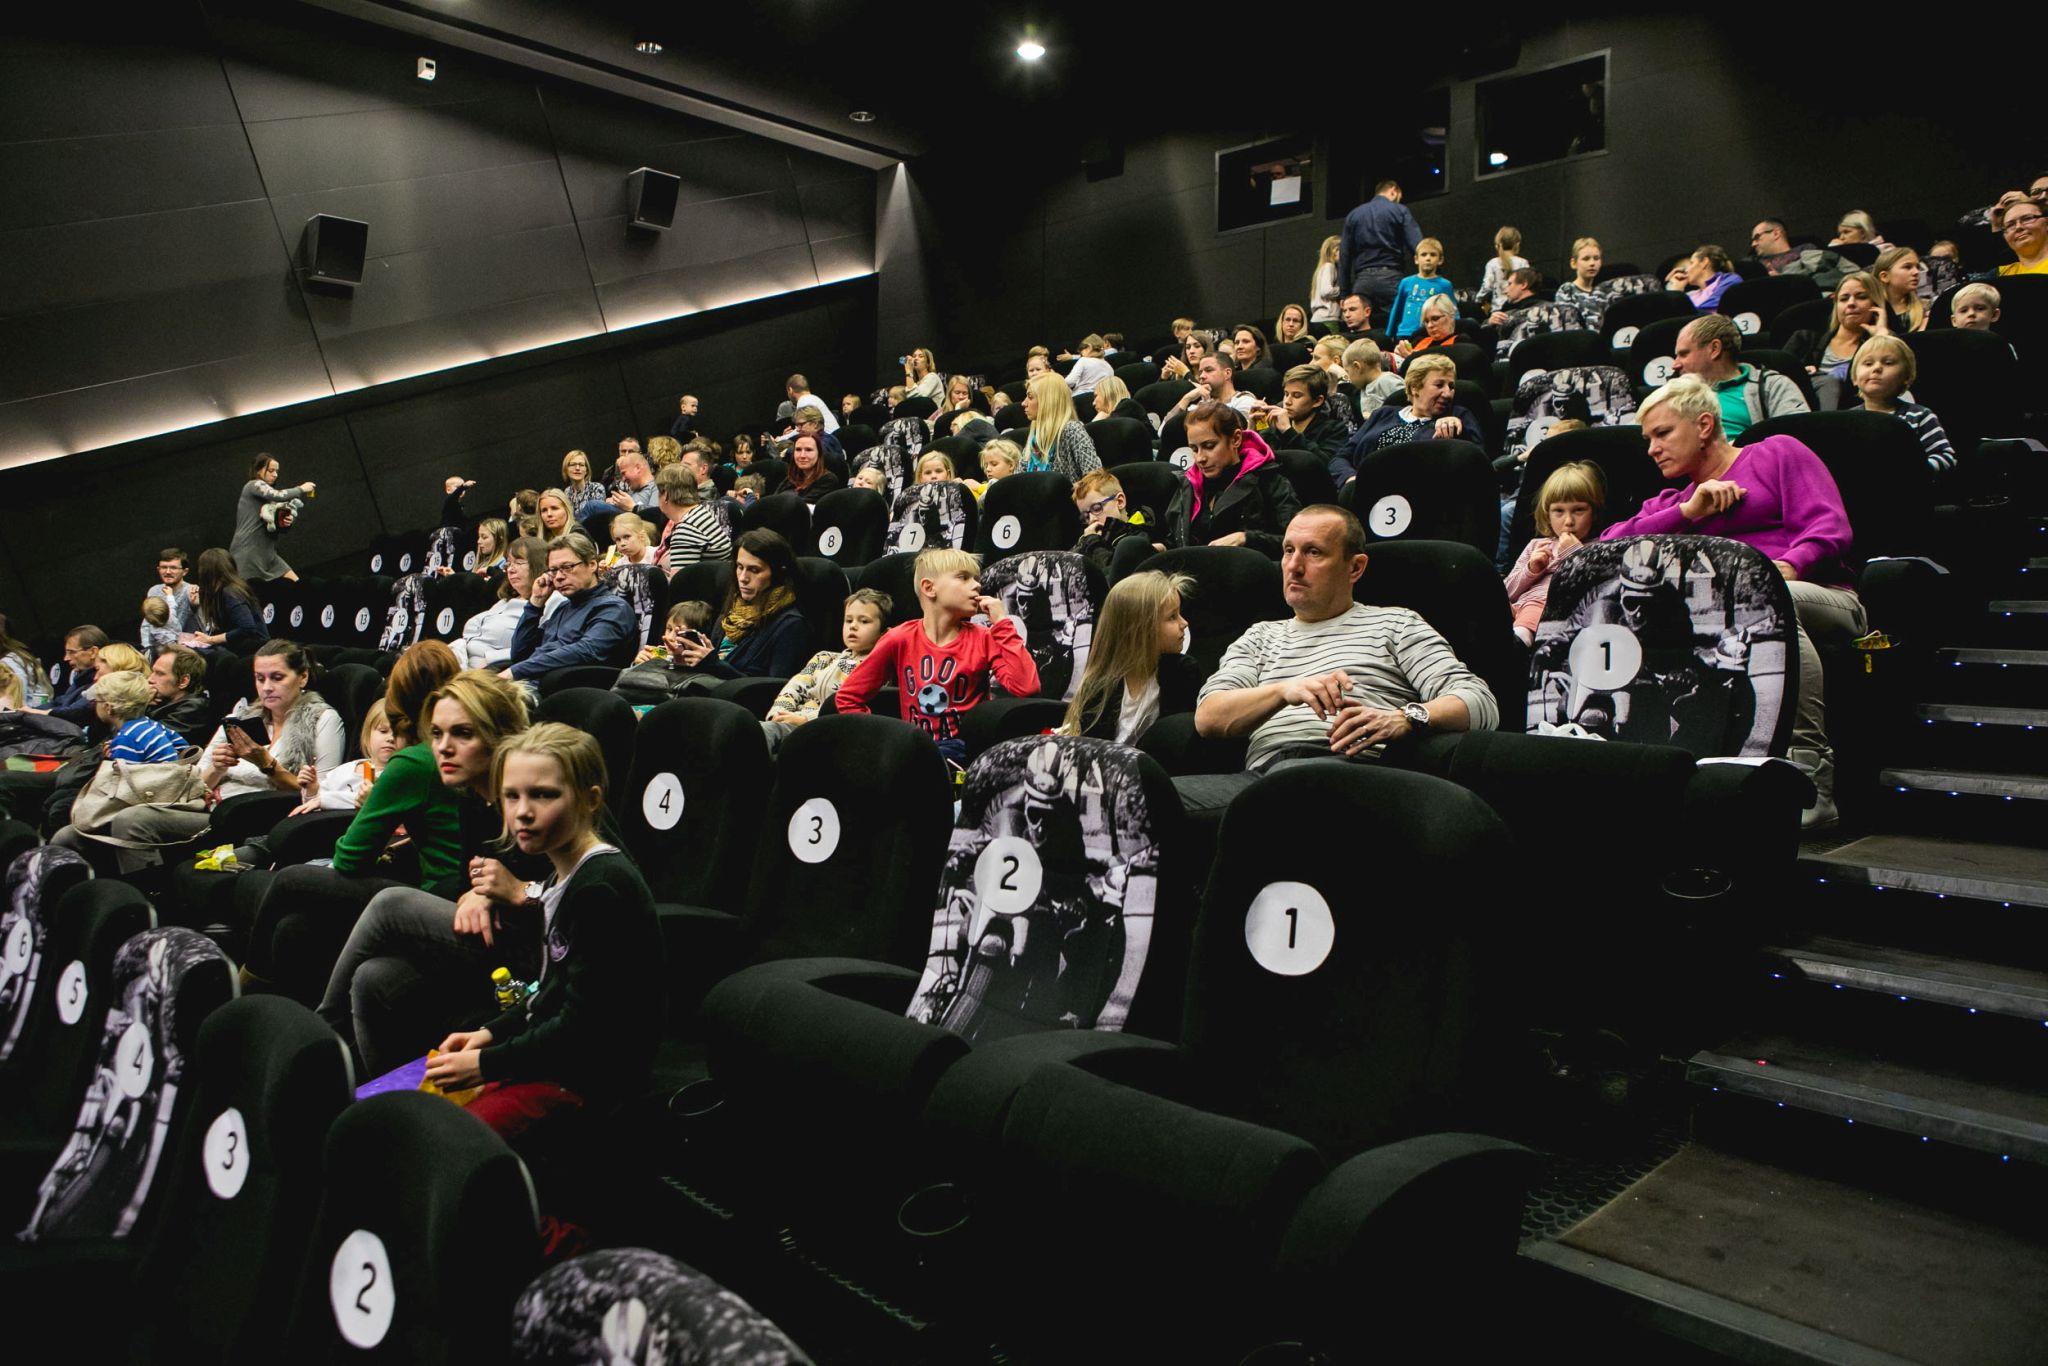 FOTOD ESILINASTUSELT! Pettson ja Finduse jõuluseikluse esietendus tõi Artise kinno suuri ja väikesi filmisõpru